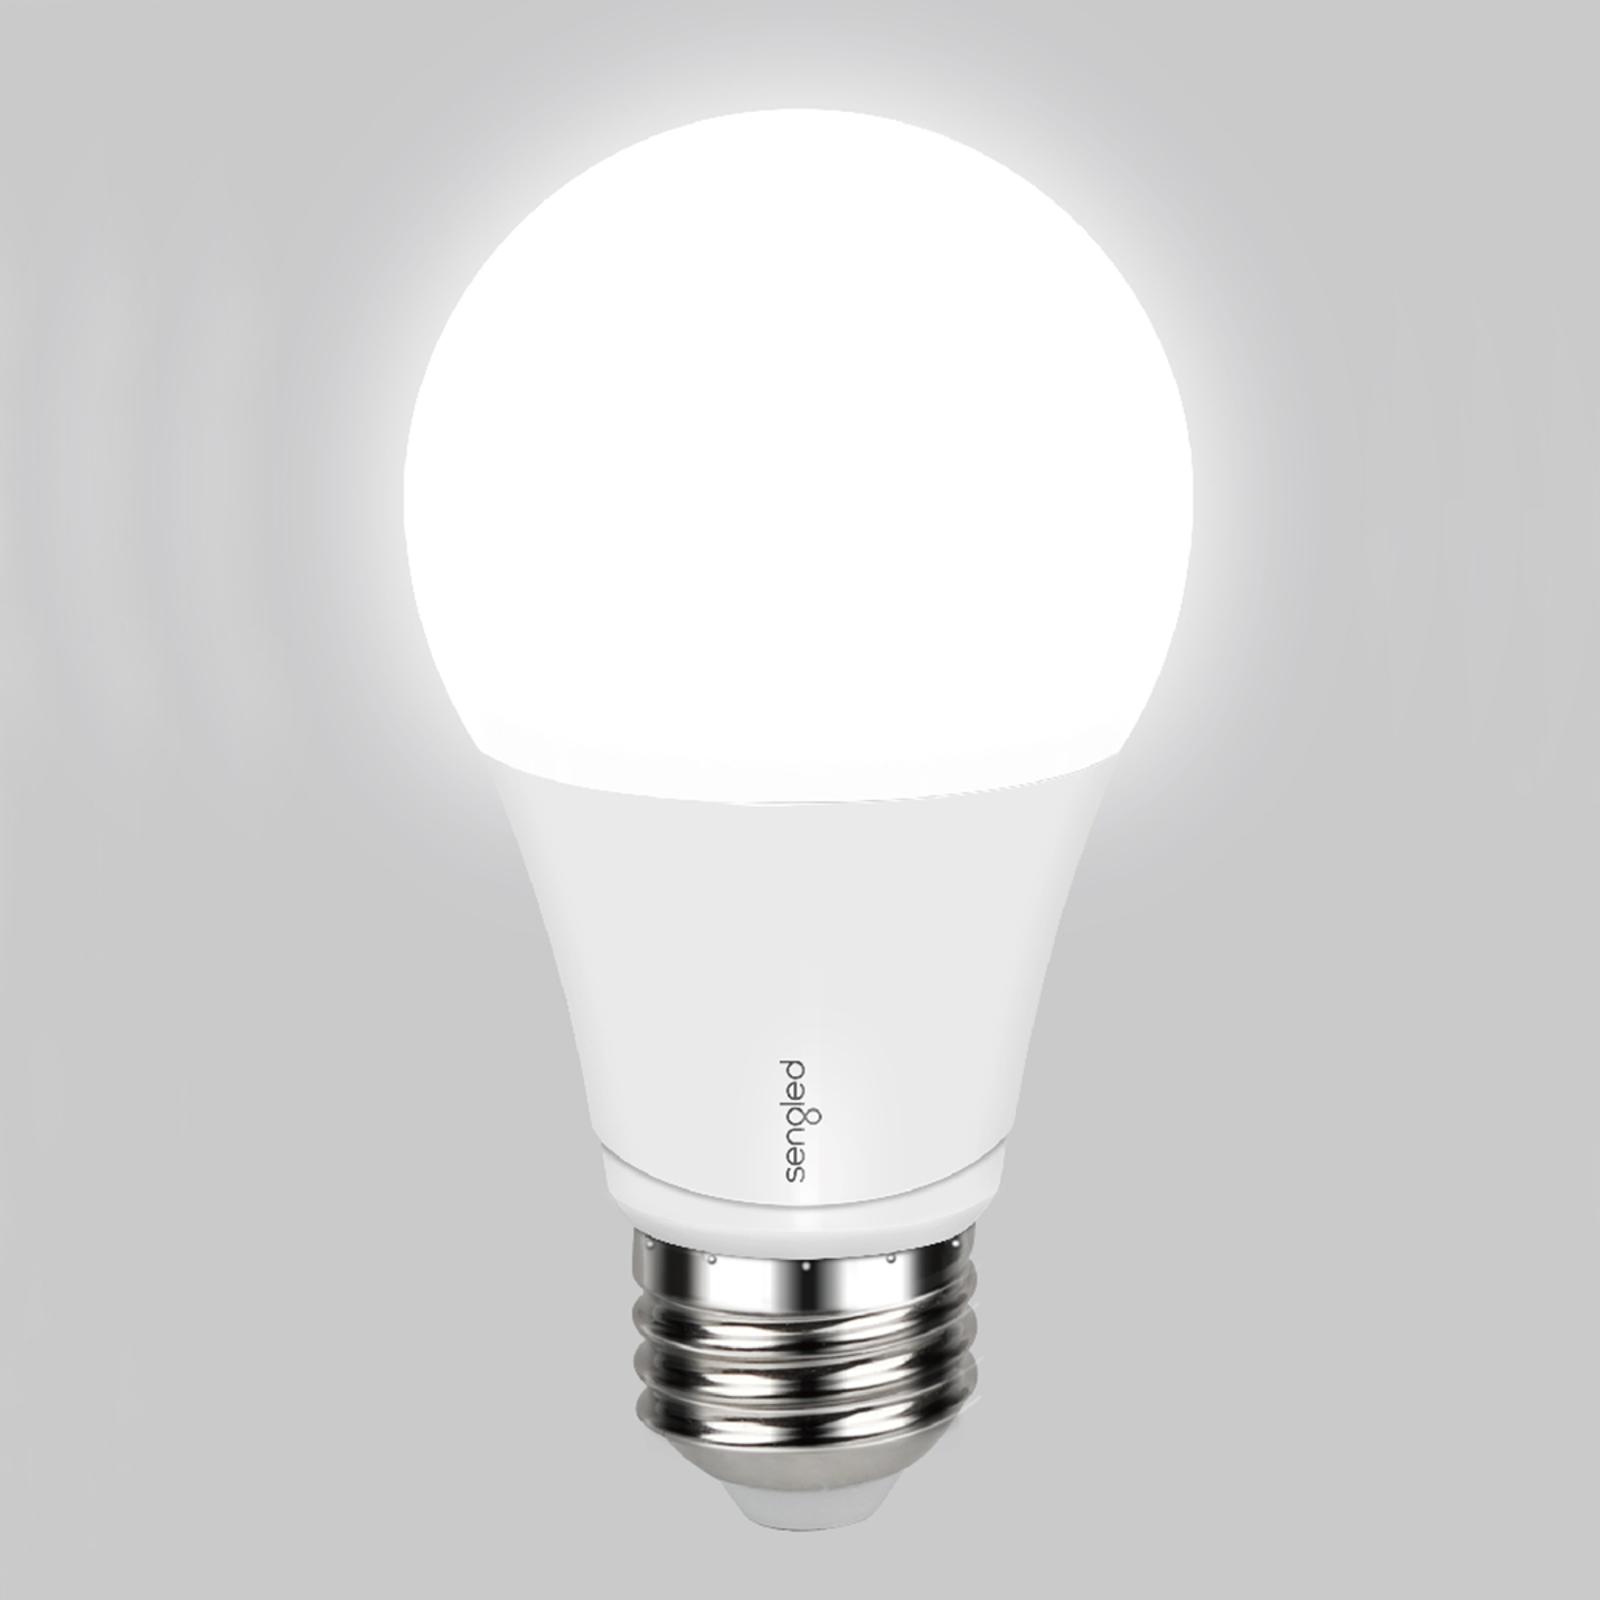 Sengled Mood LED-Lampe, Tunable White, E27 9W